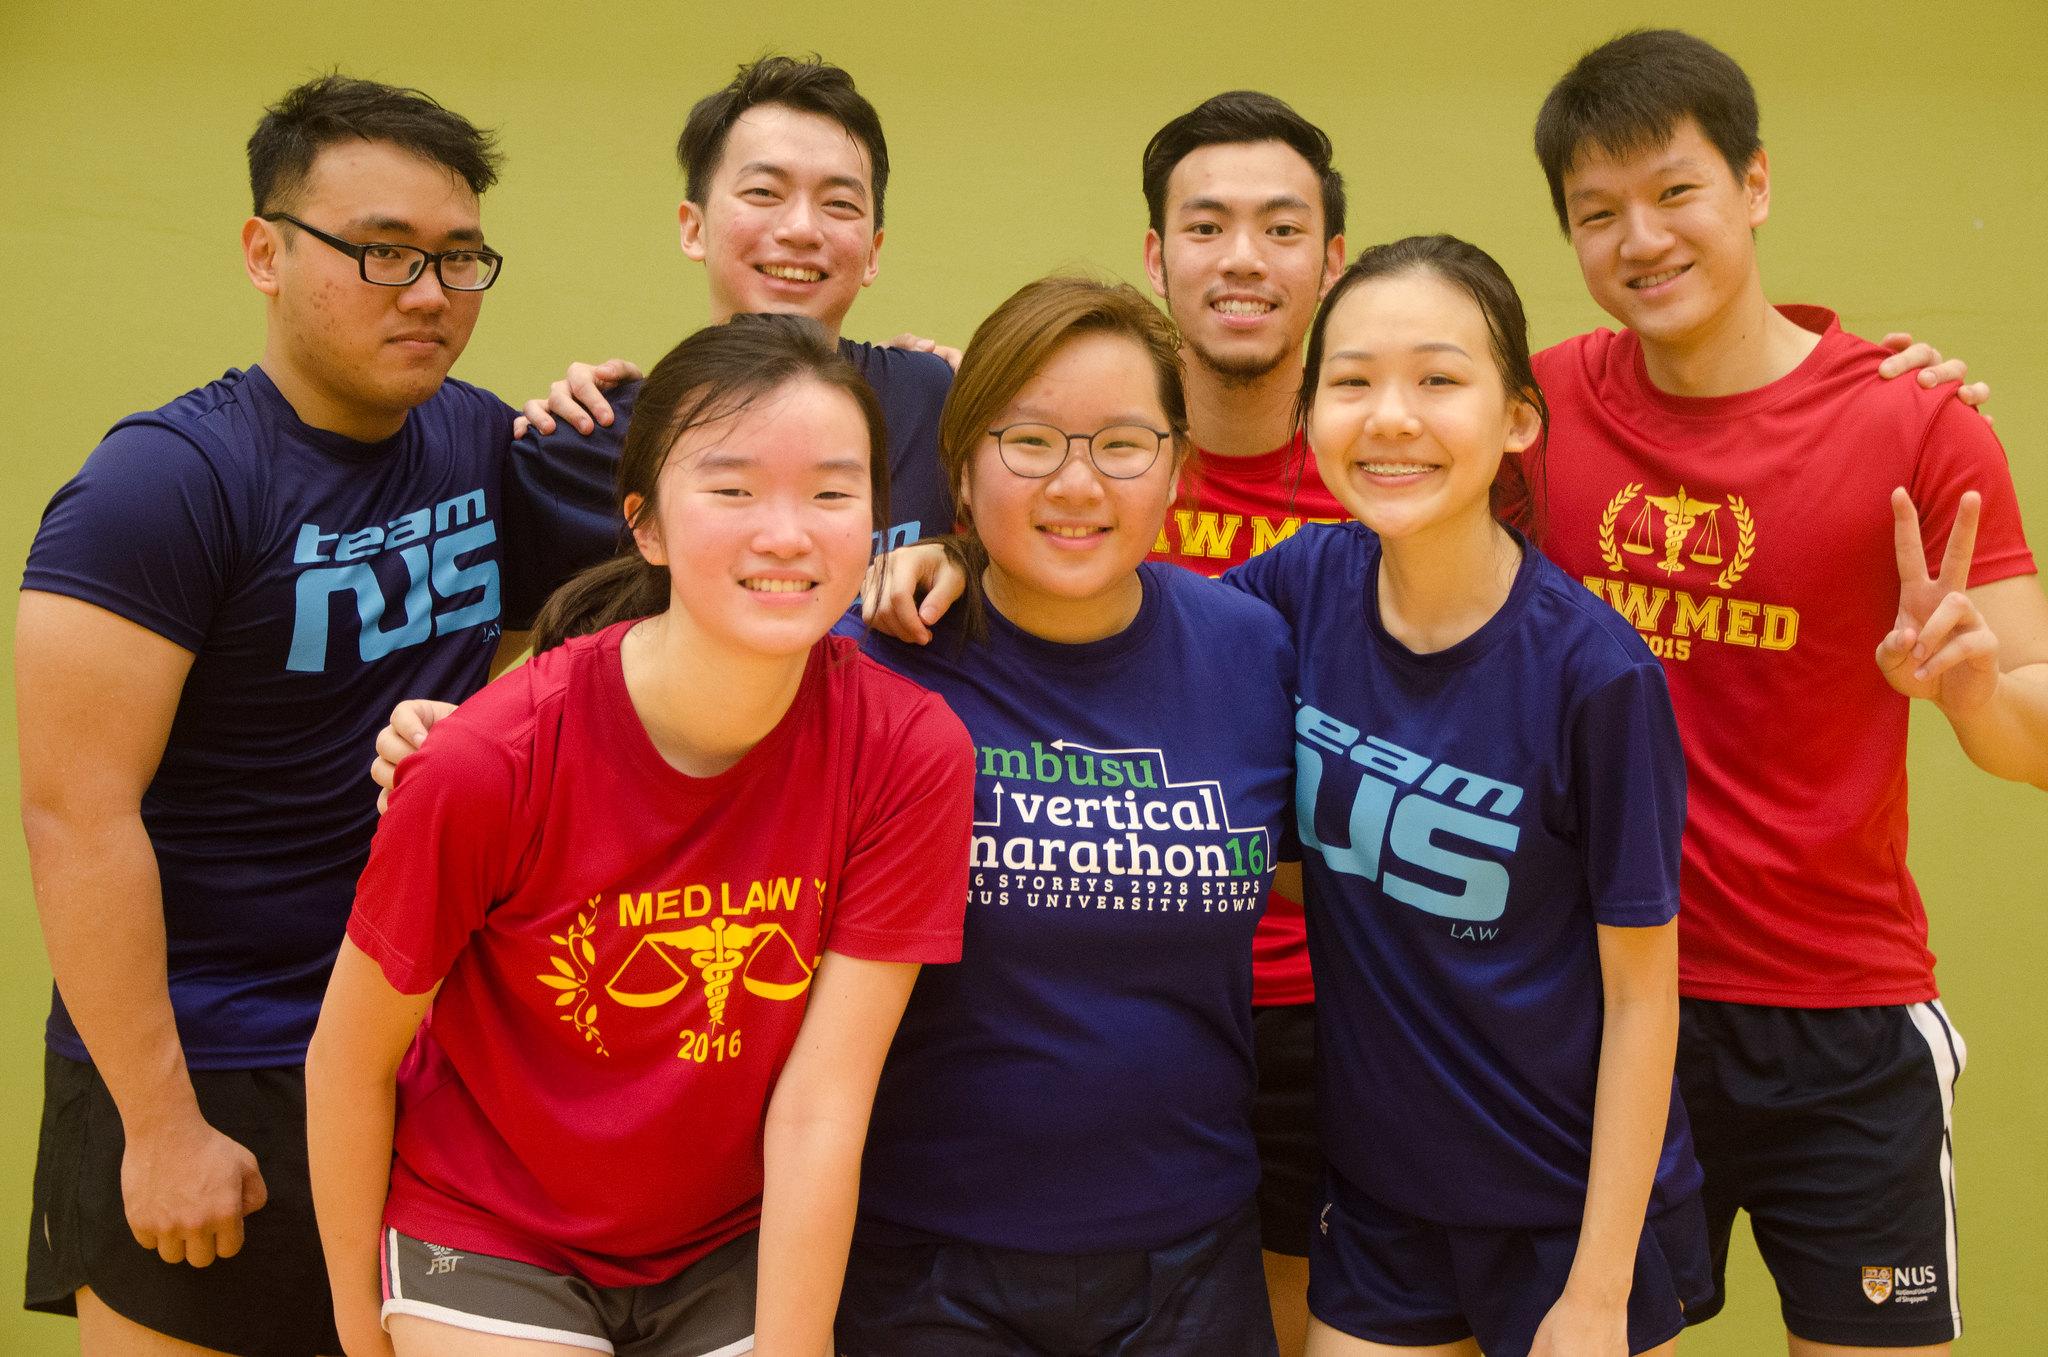 Back Row (L-R): Ivan (Y3), Elvis (Y3), Kyle (Y3), Wei Rong (Y4) Front Row (L-R): Erica (Y2), Joelle (Y1), Rae Ann (Y1)